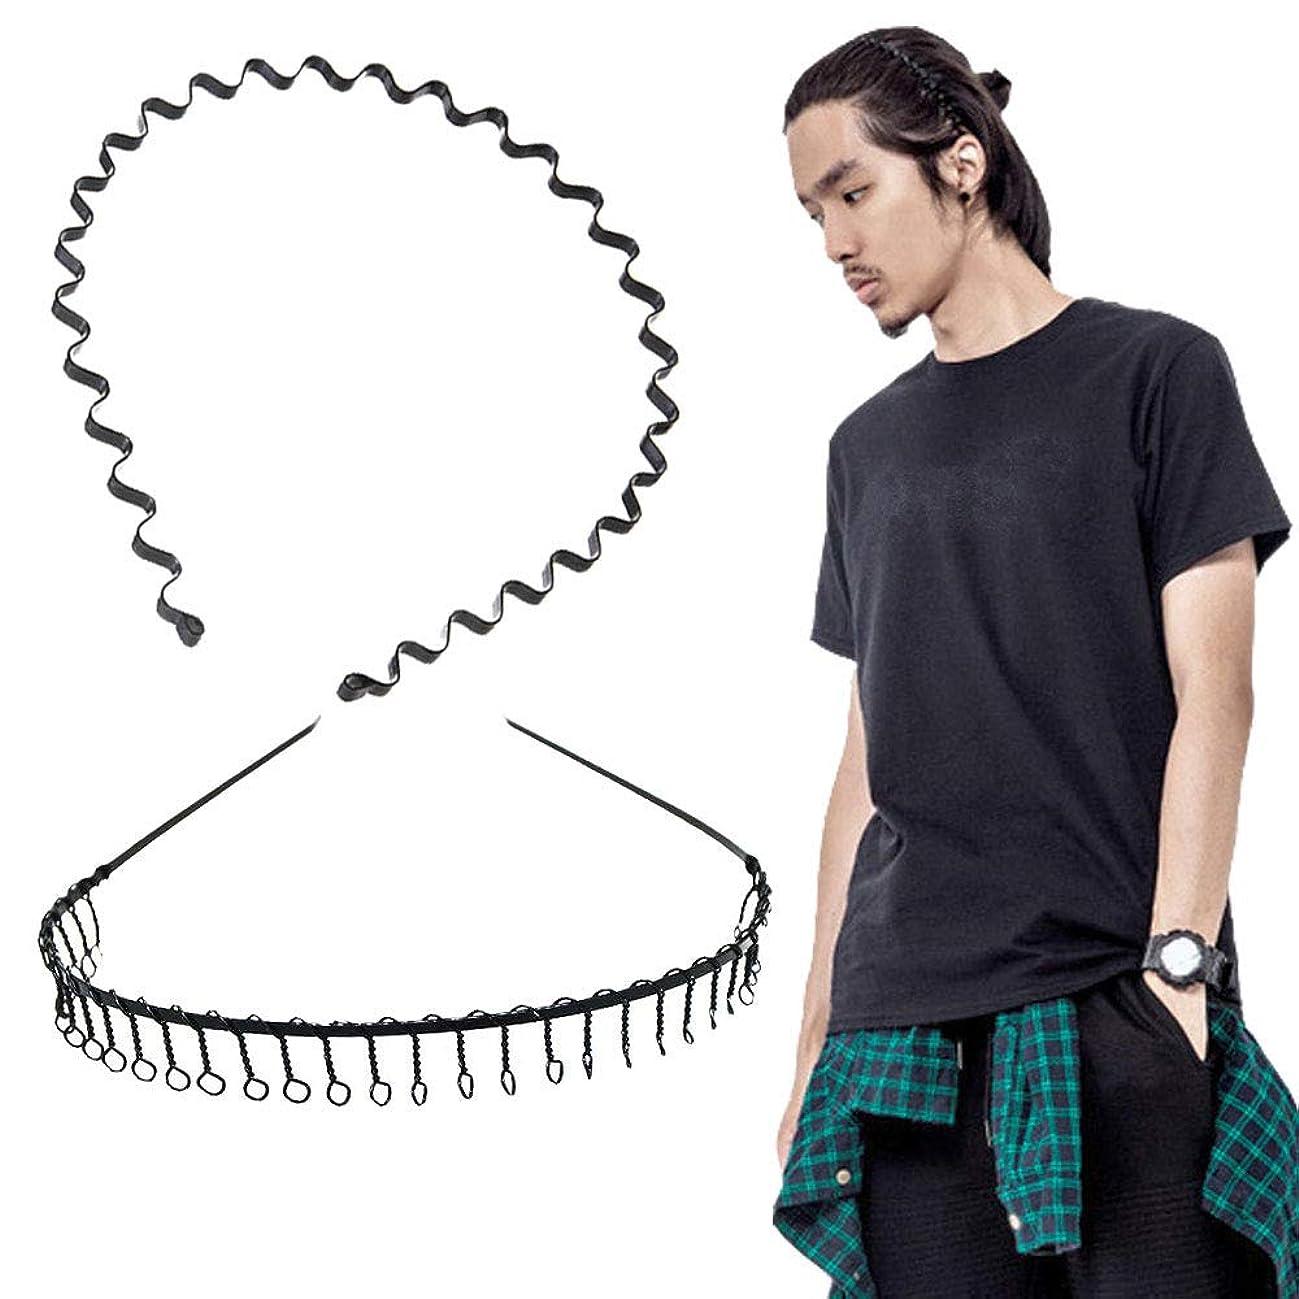 コック軽く減らすshefun メンズ カチューシャ スプリング ヘアバンド 鉄 波型 くし付き 滑り止め 痛くない 黒 シンプル 前髪 髪飾り 2本セット JP159